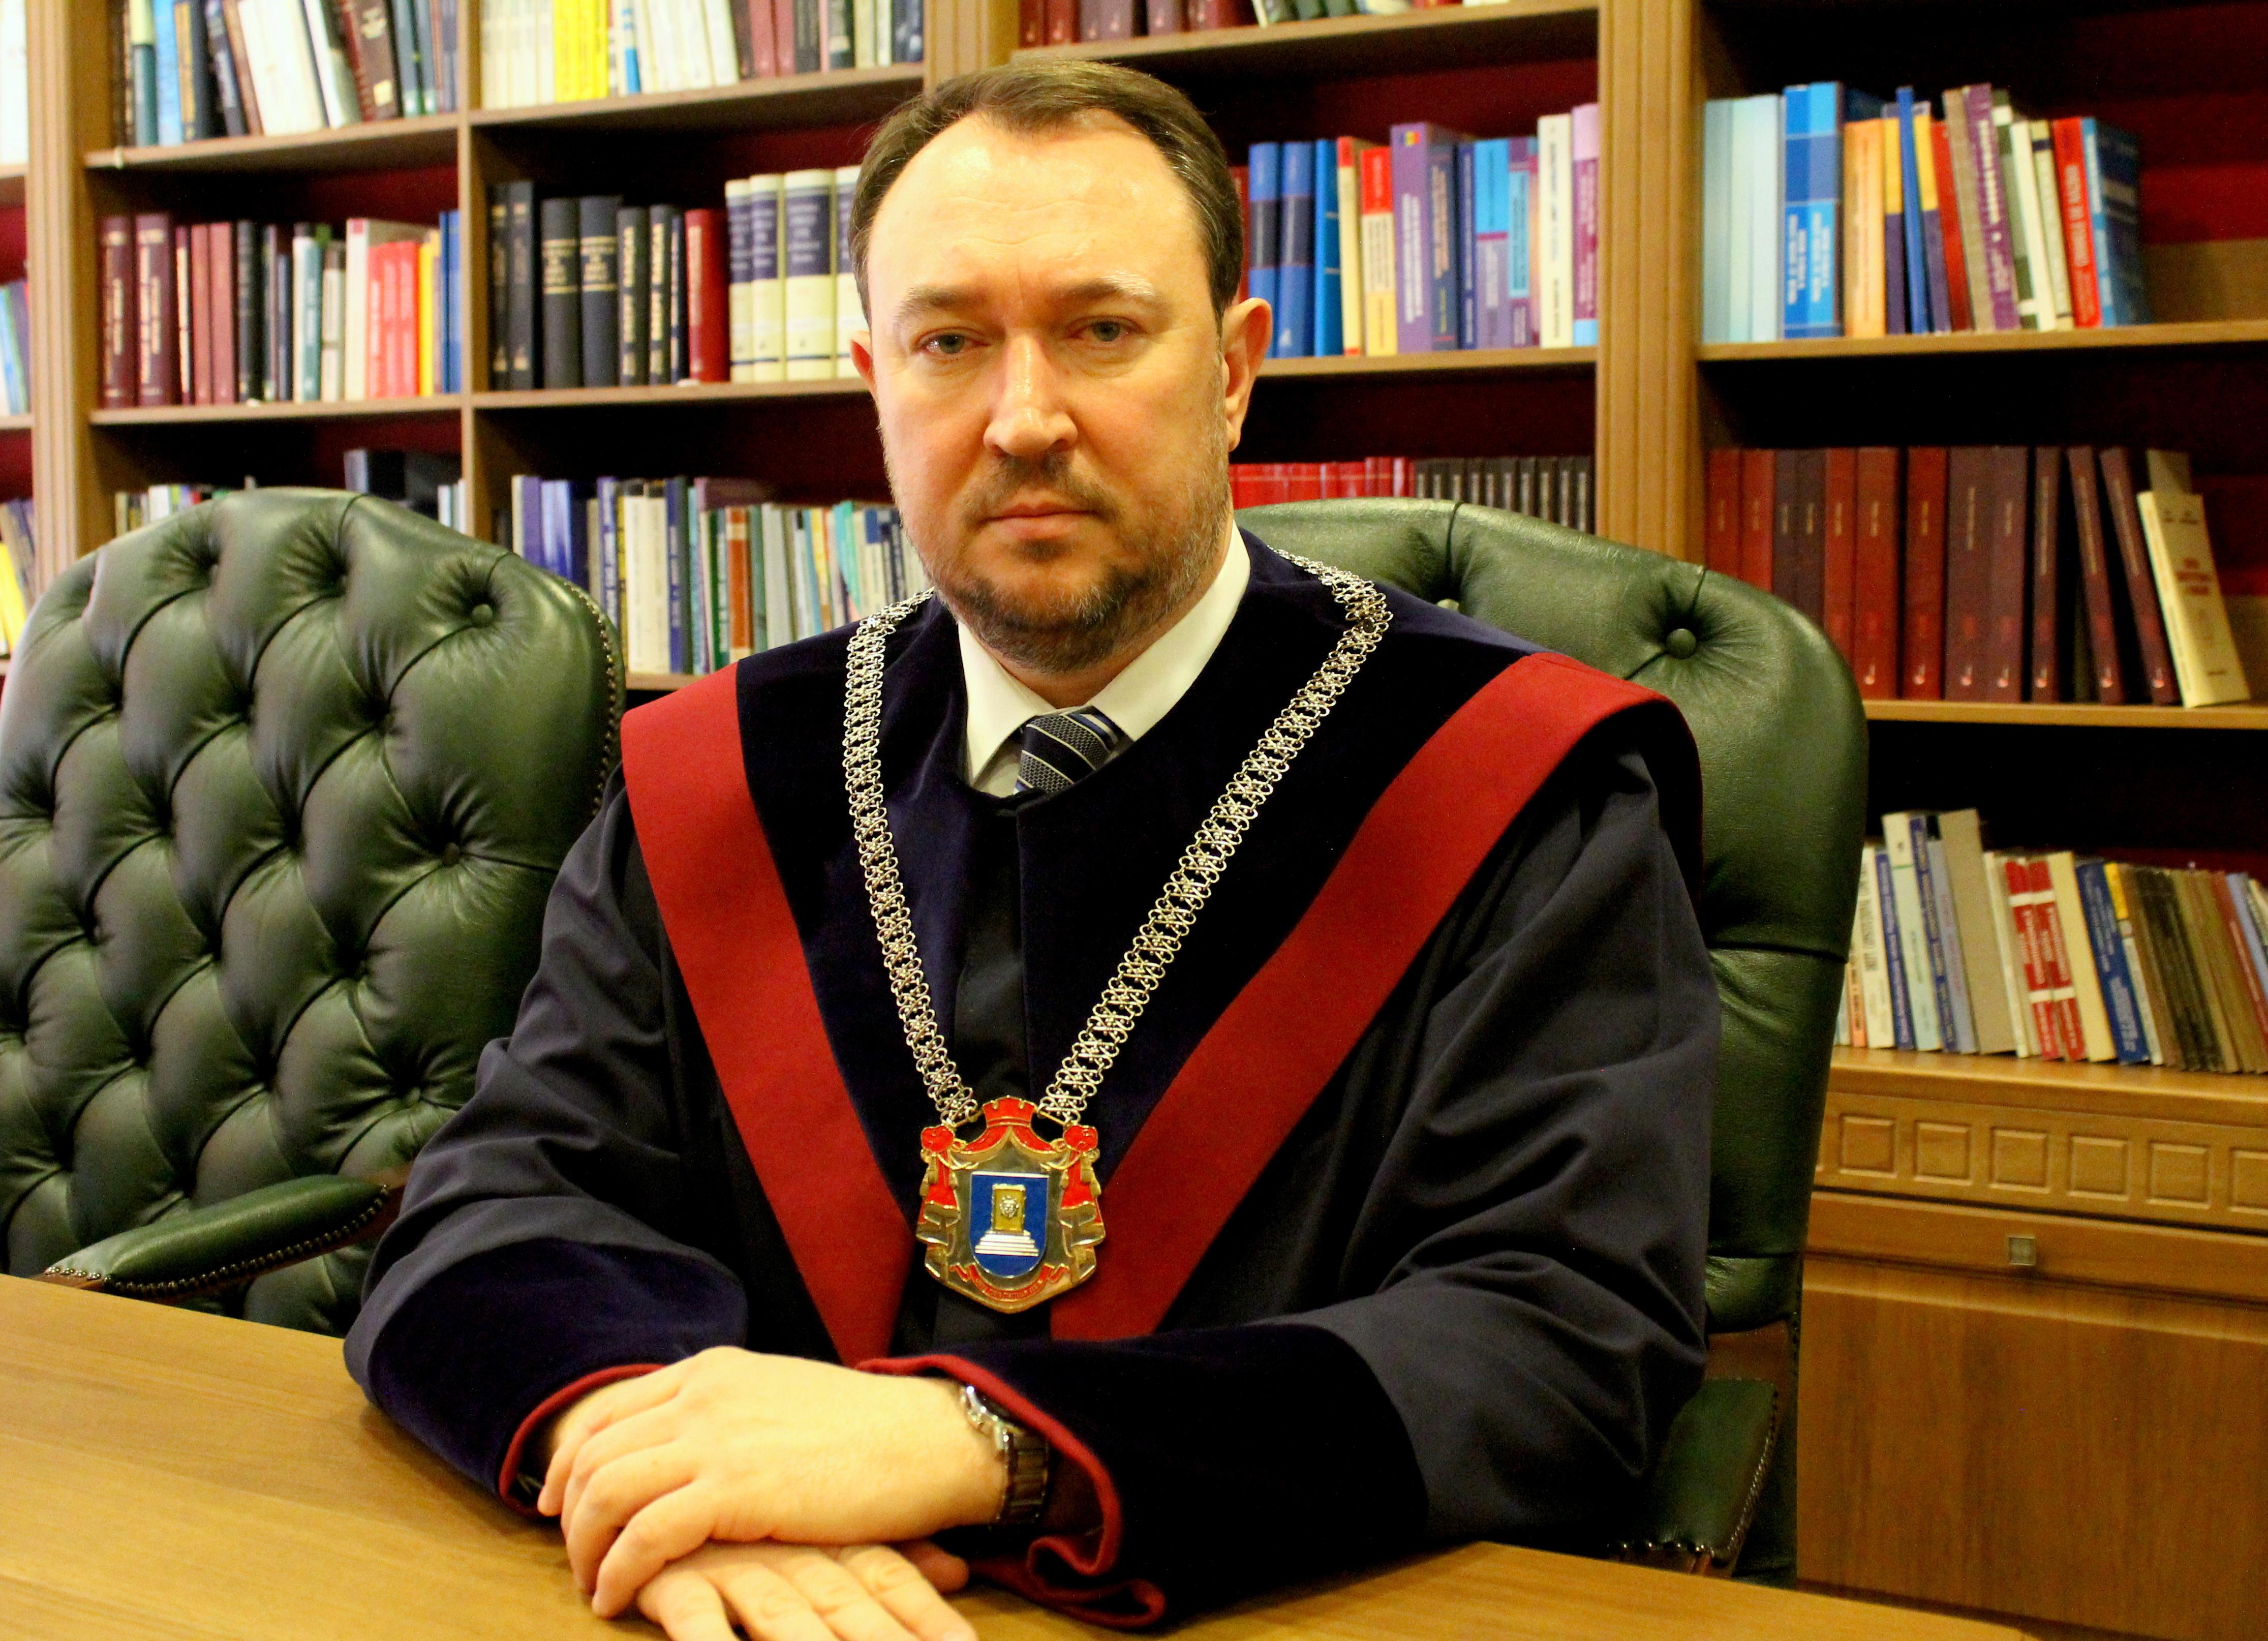 Alexandru Tănase a fost ales Preşedinte al Curţii Constituţionale